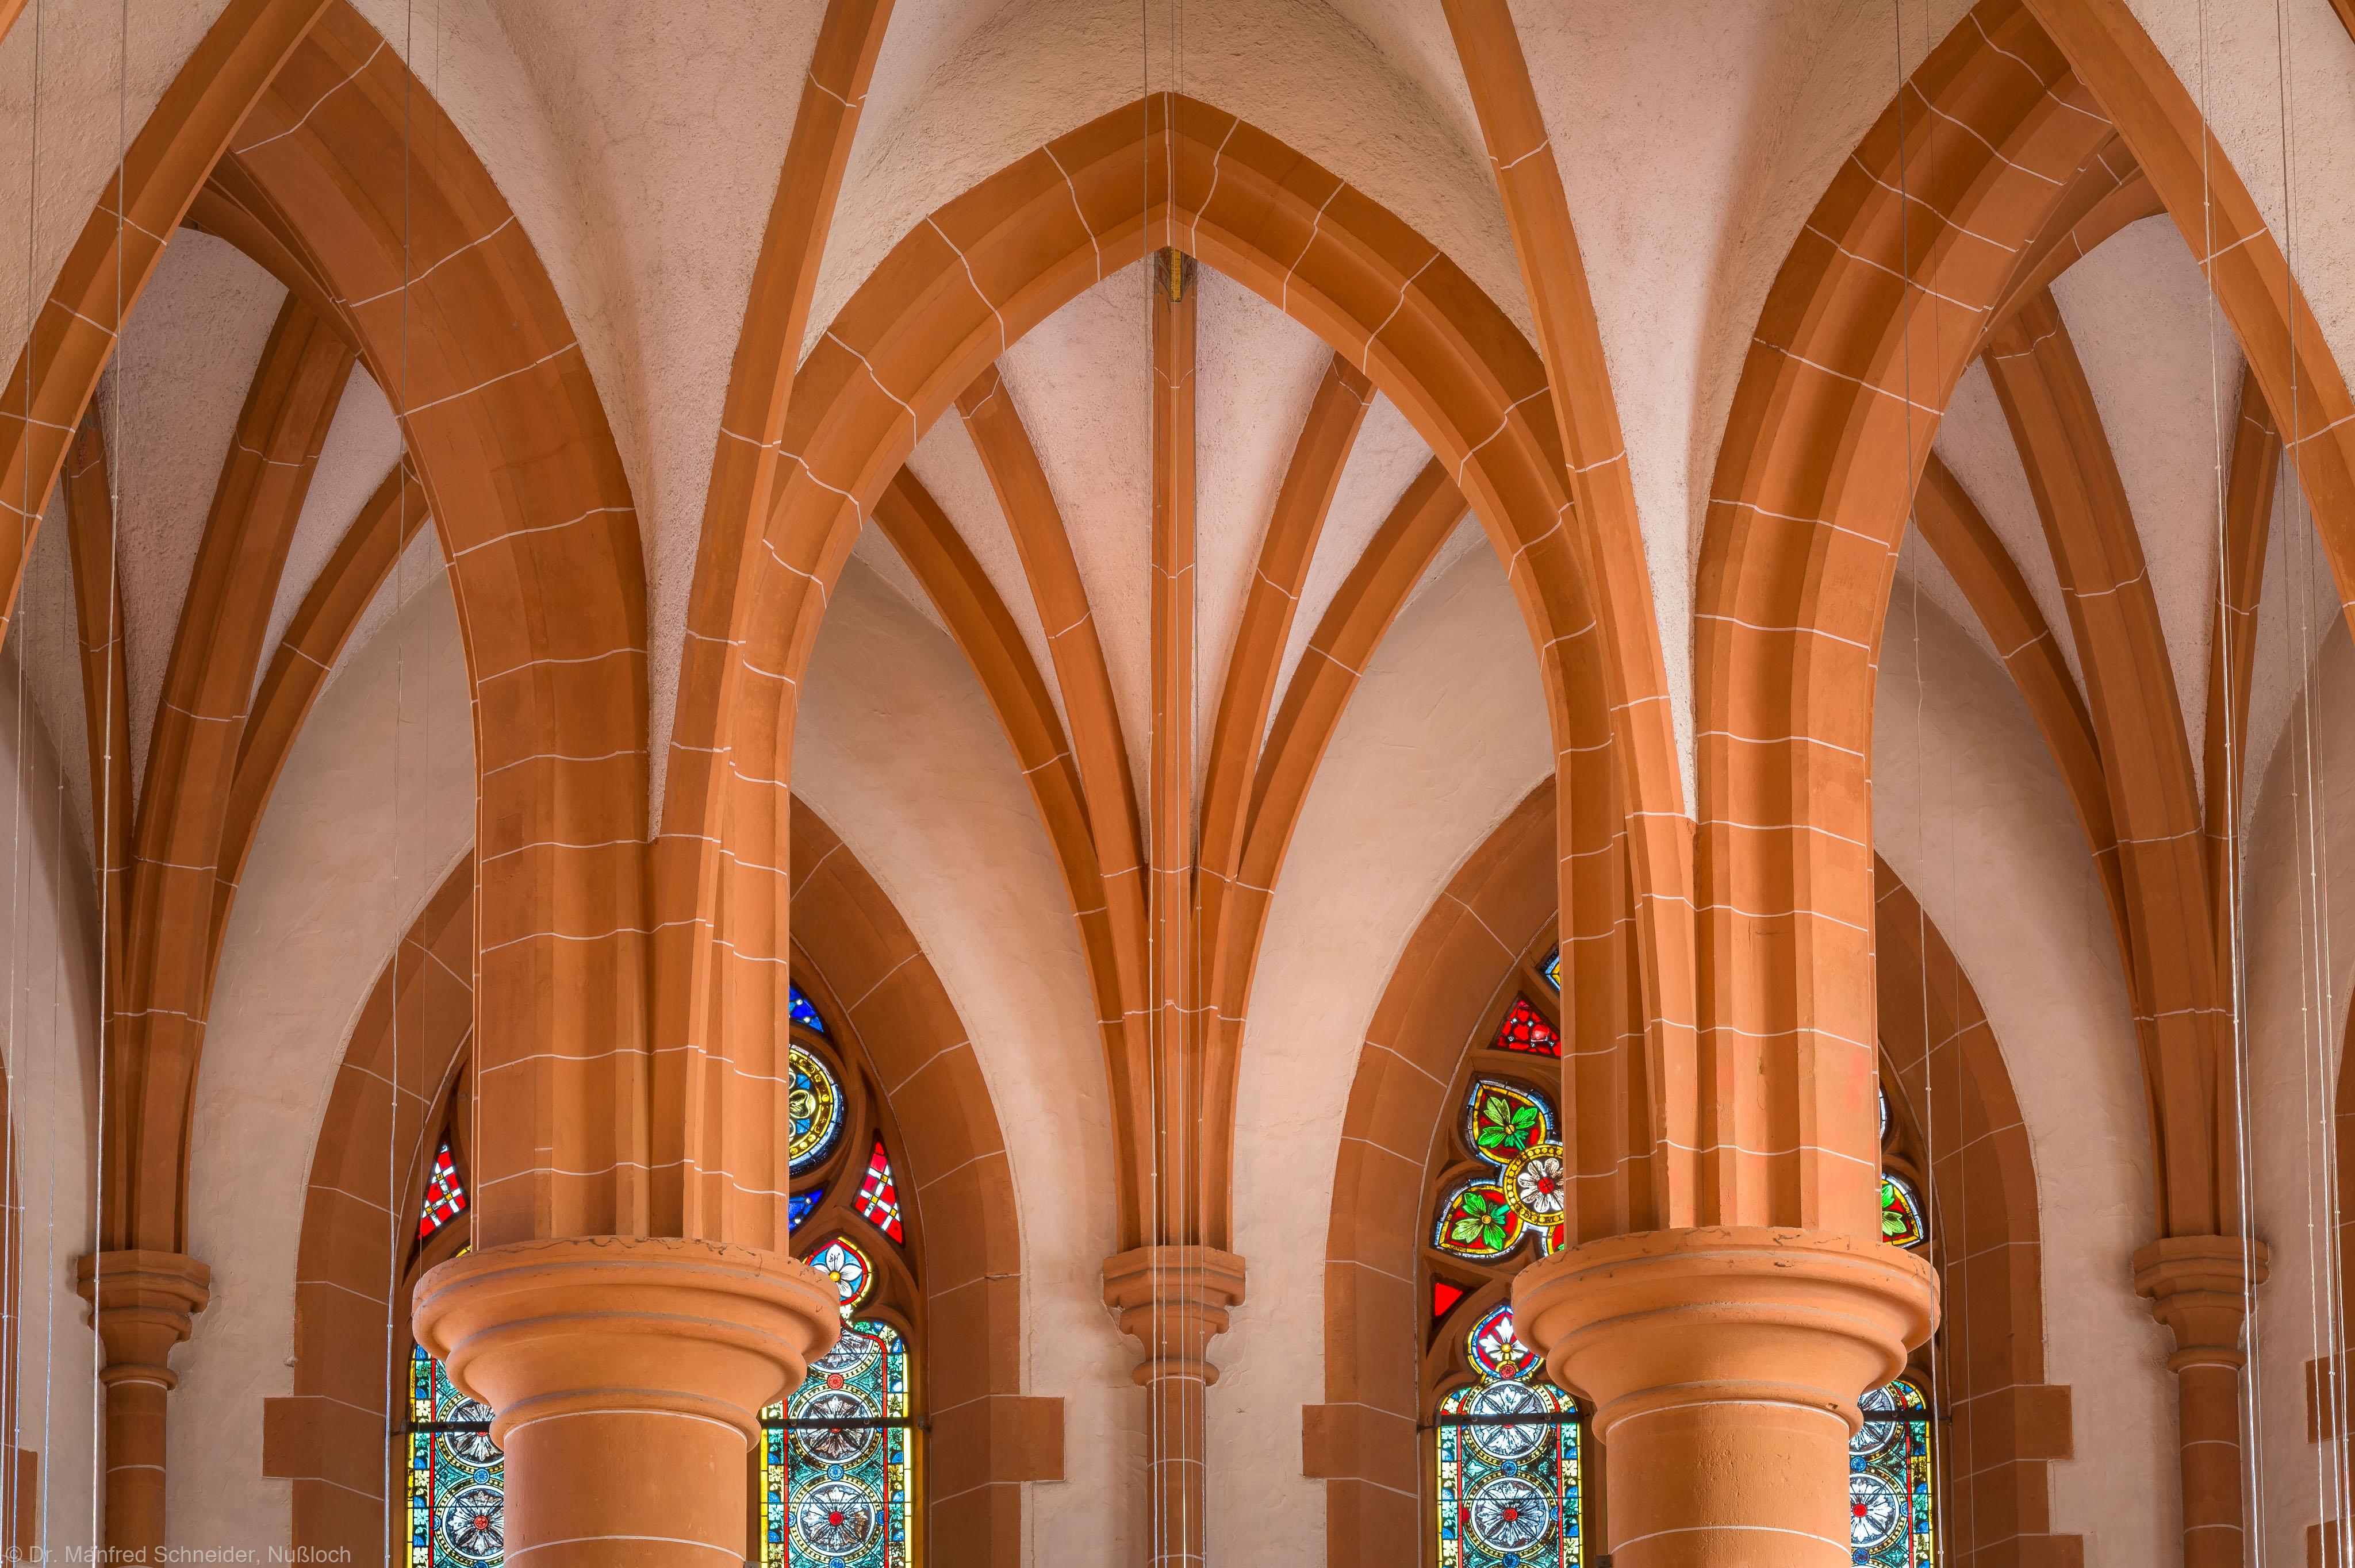 Heidelberg - Heiliggeistkirche - Chor - Blick von der Westempore in das Gewölbe des Chors (aufgenommen im Dezember 2013, am frühen Nachmittag)